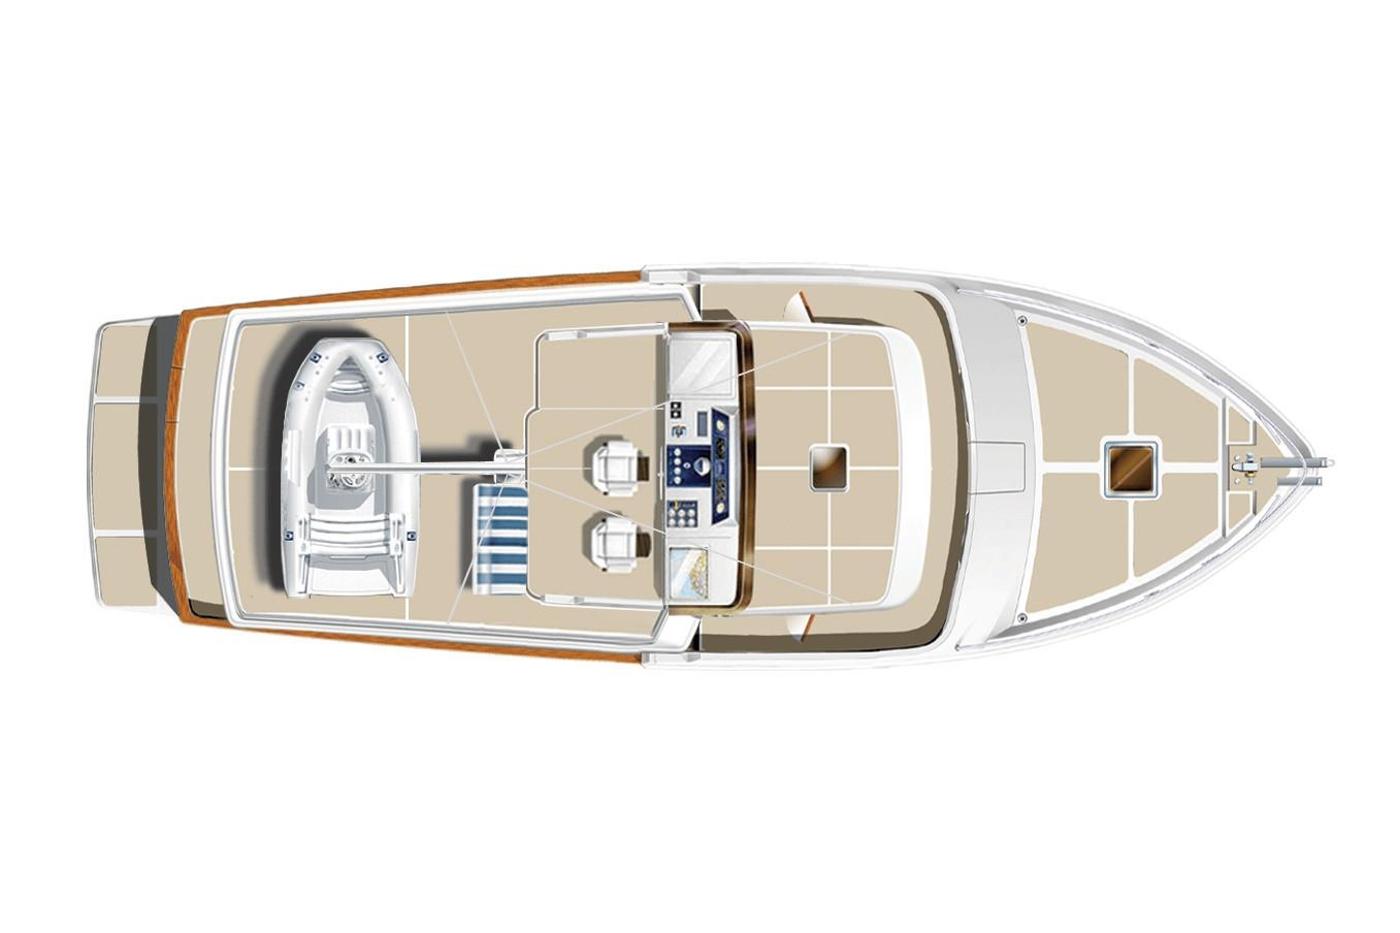 2011 Selene 45, Flybridge layout